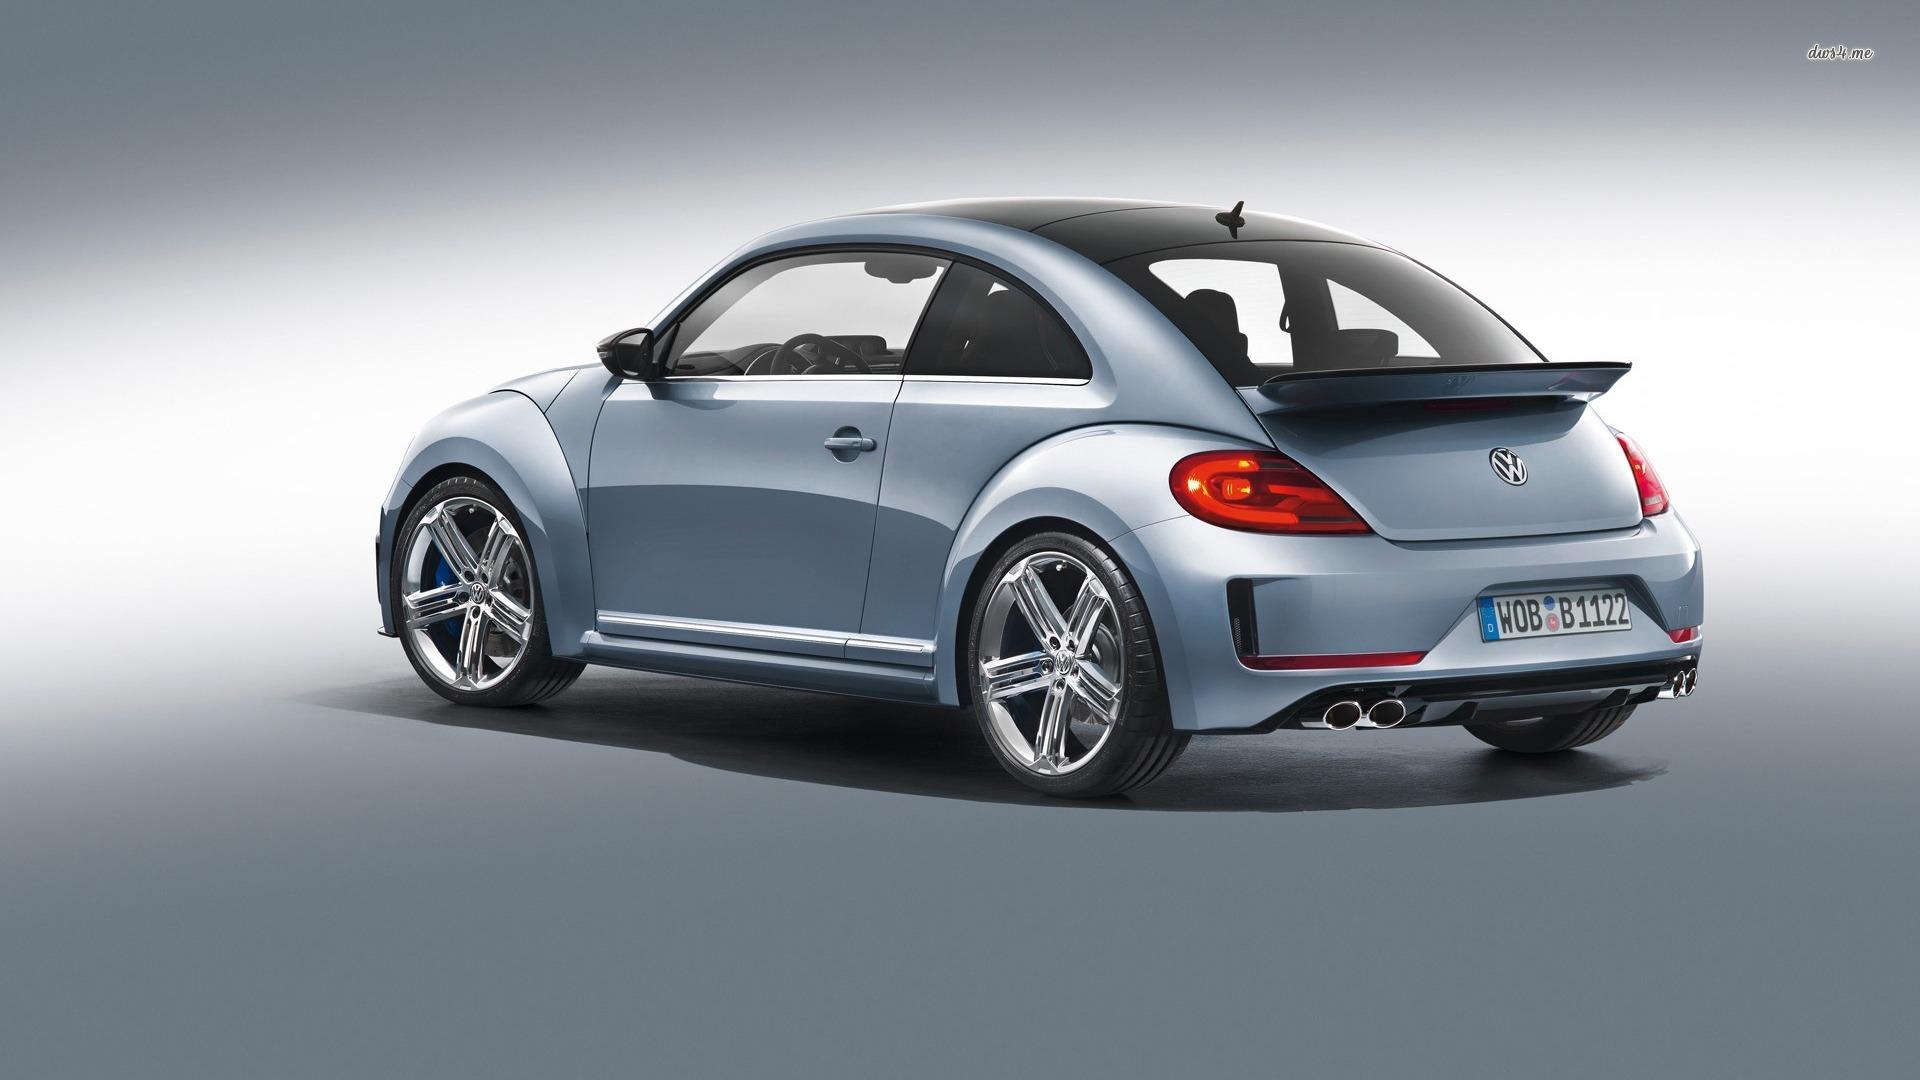 Volkswagen Beetle R wallpaper   Car wallpapers   26100 1920x1080